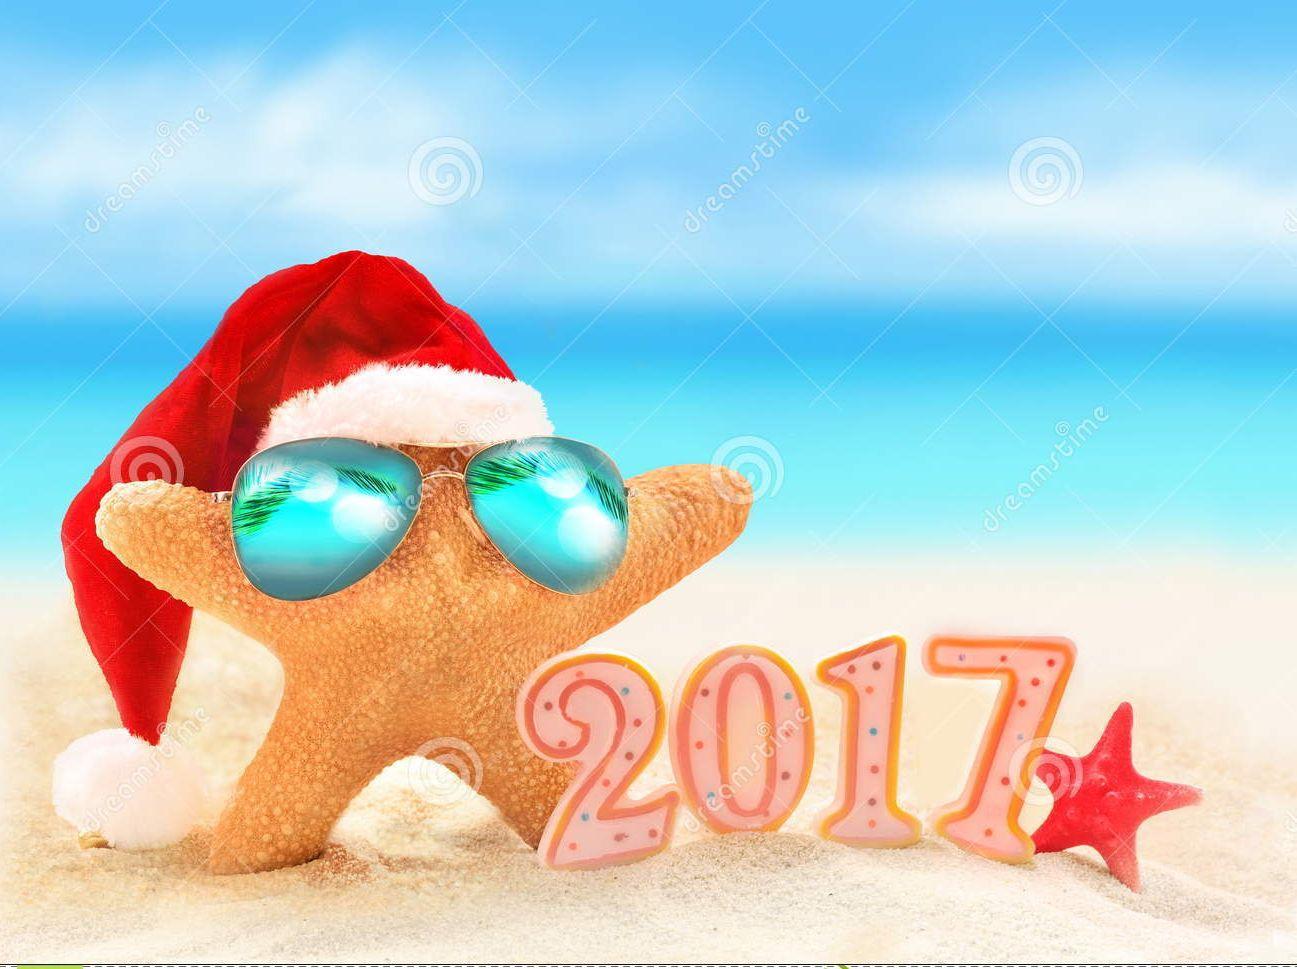 feliz-ao-nuevo-estrellas-de-mar-en-el-sombrero-de-santa-en-la-playa-del-verano-69906172